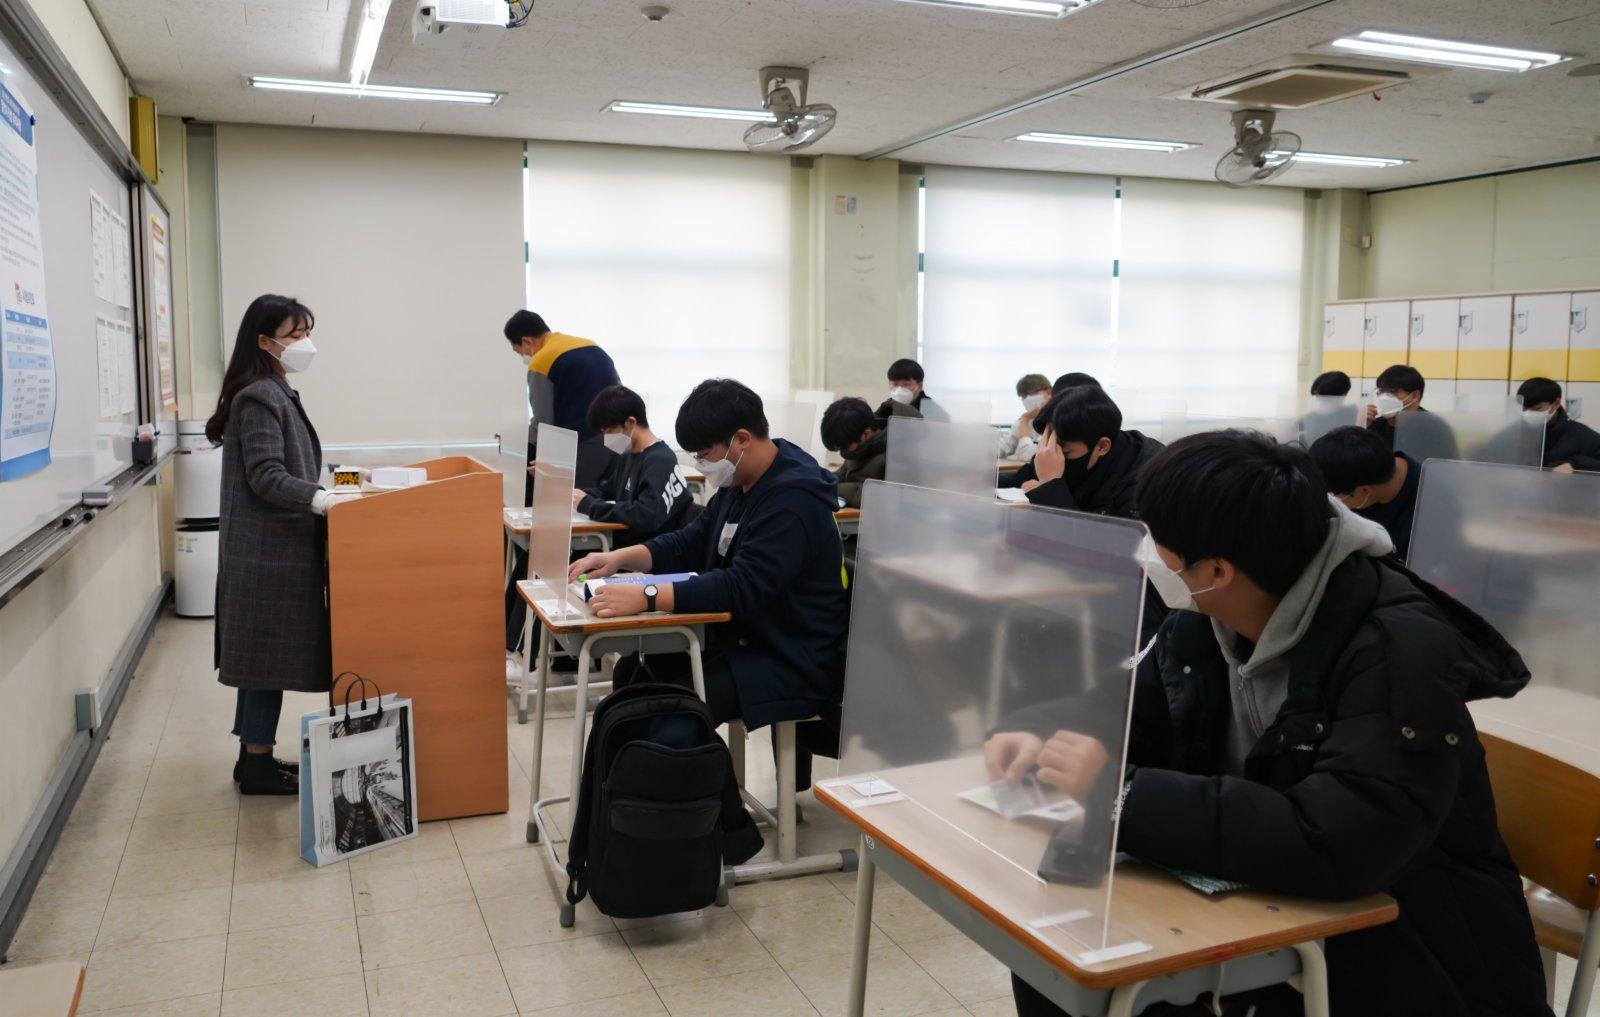 圖為在首爾某考點內,考桌上設有隔板。(中新社發 首爾市教育廳供圖)